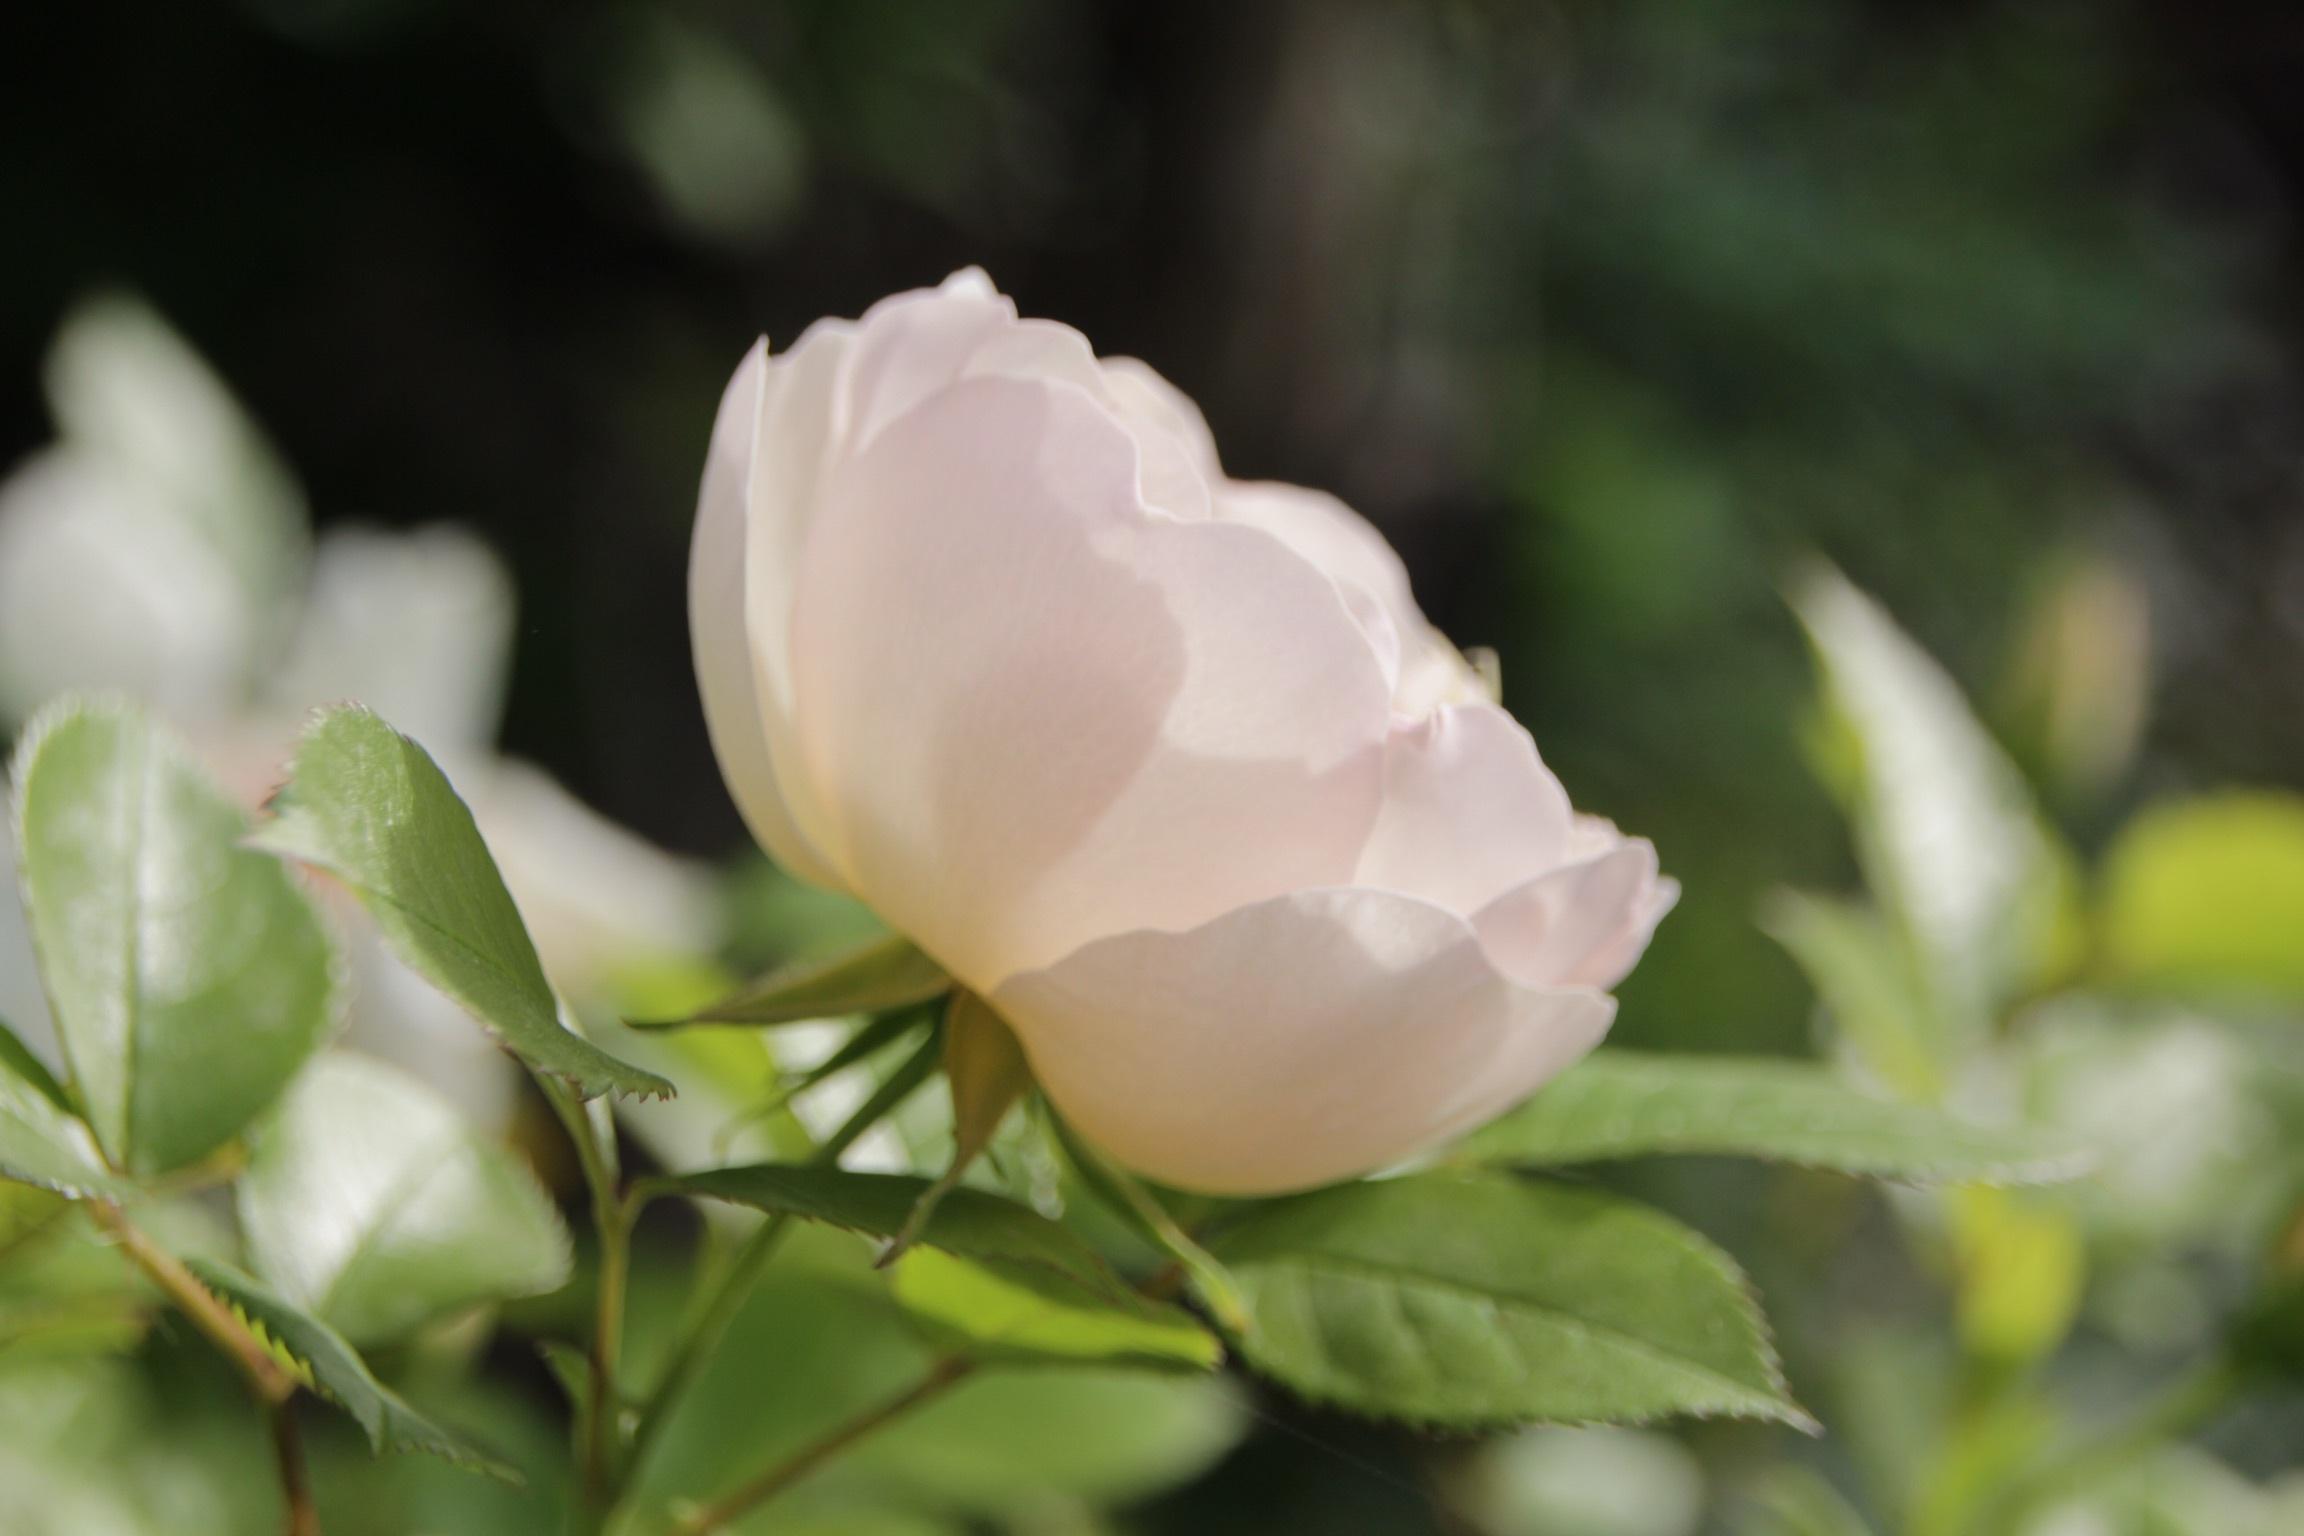 昨日の夕暮れ 今朝の庭_b0132338_07382900.jpeg